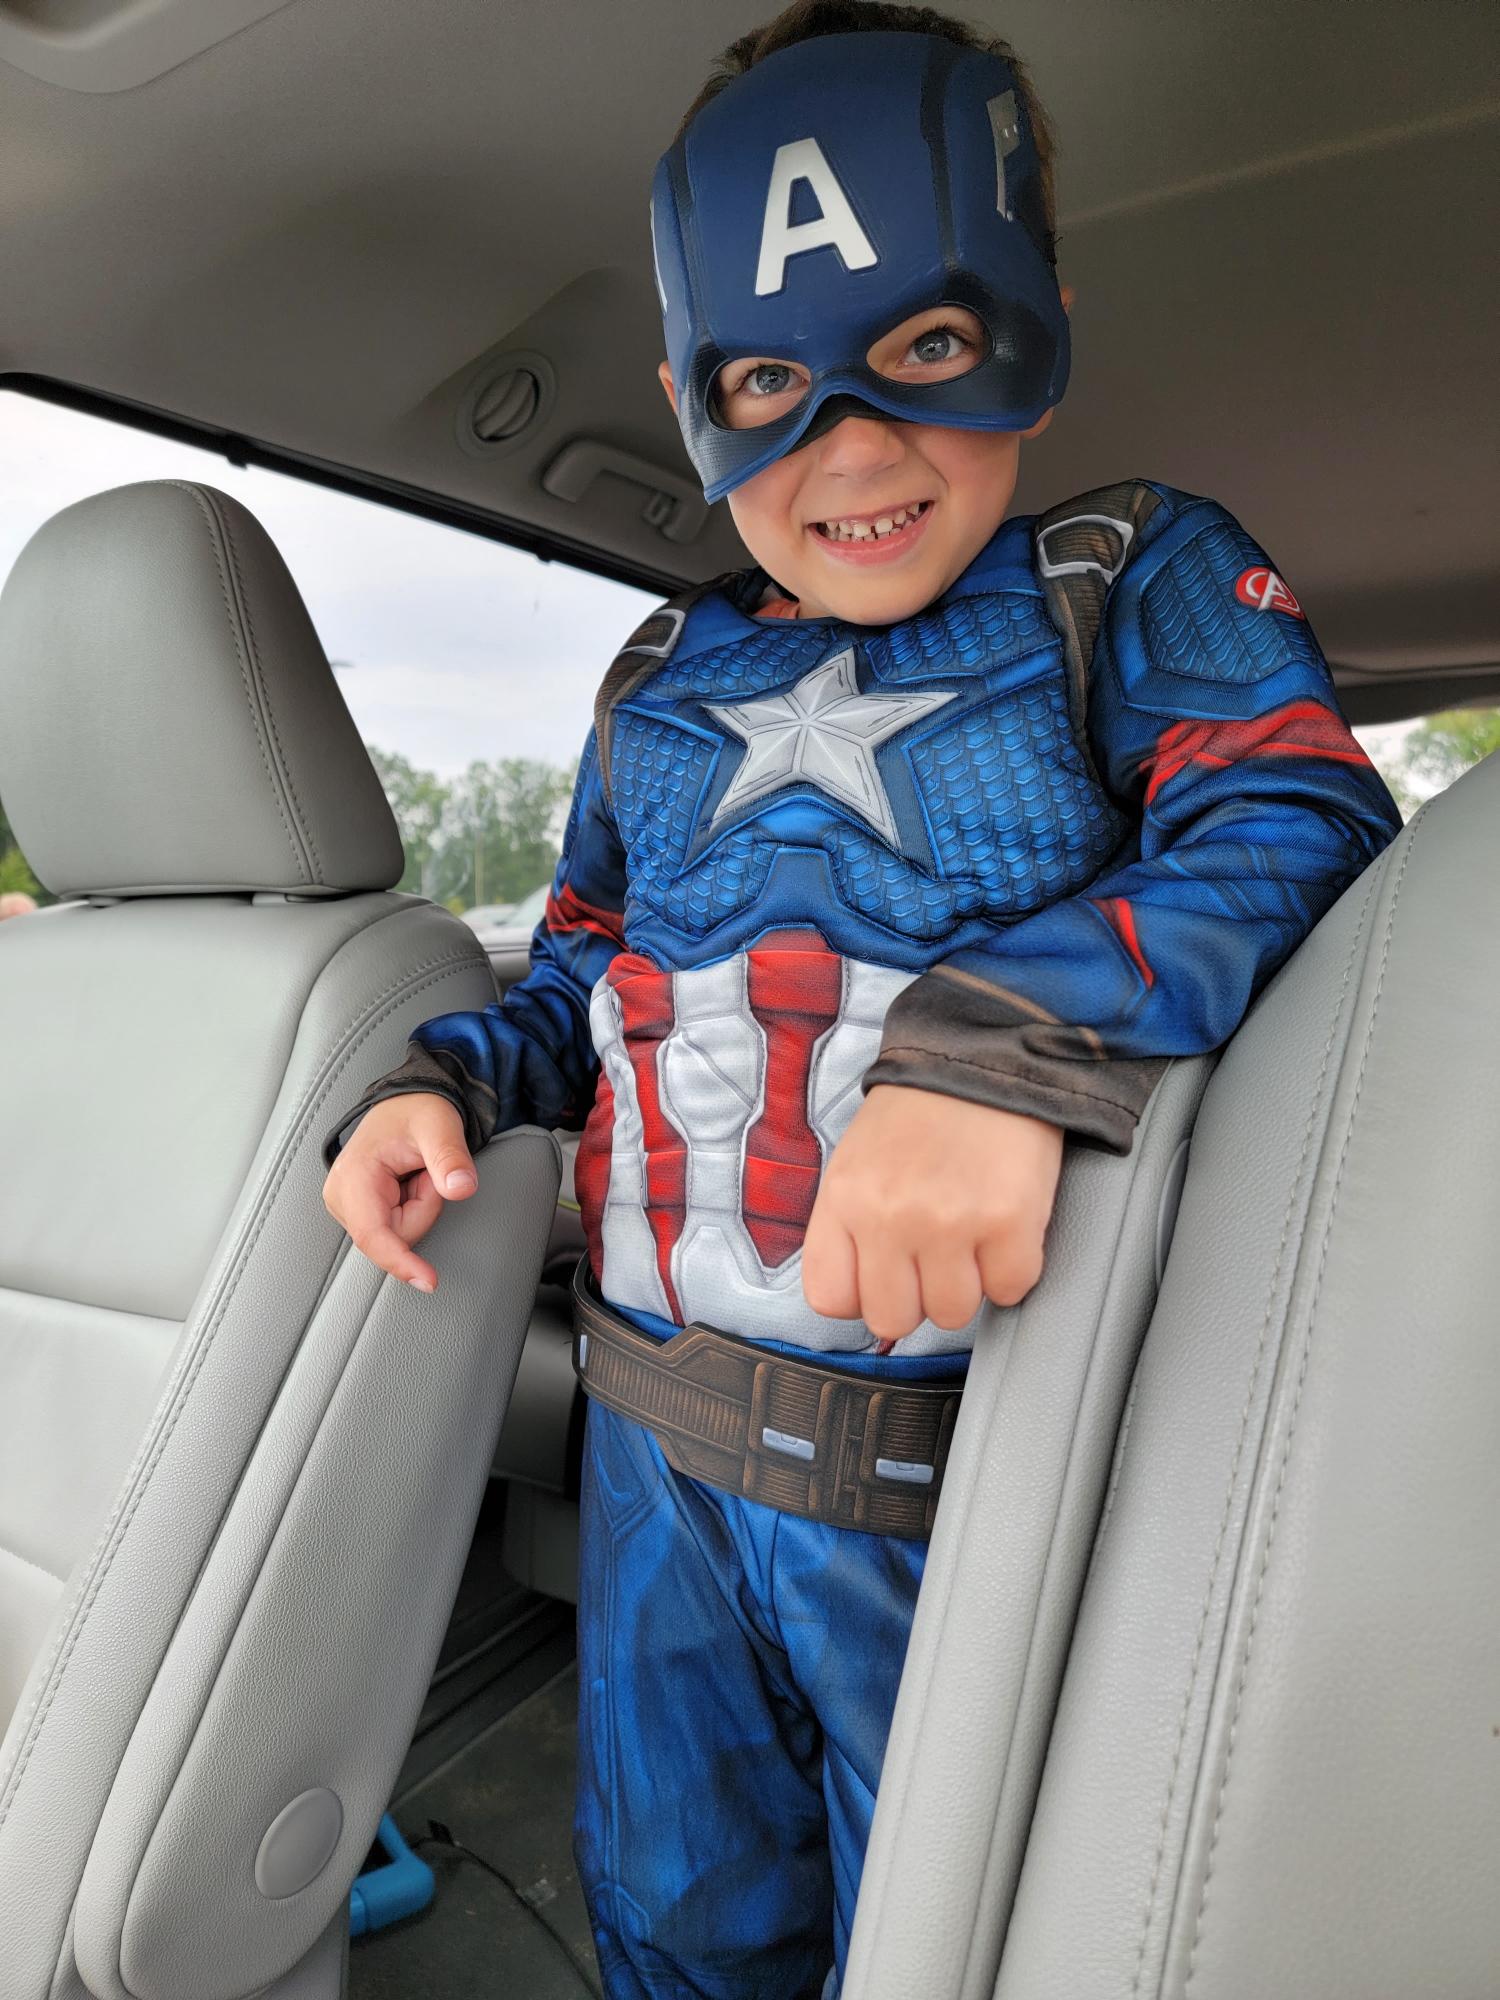 Captain America | www.biblio-style.com